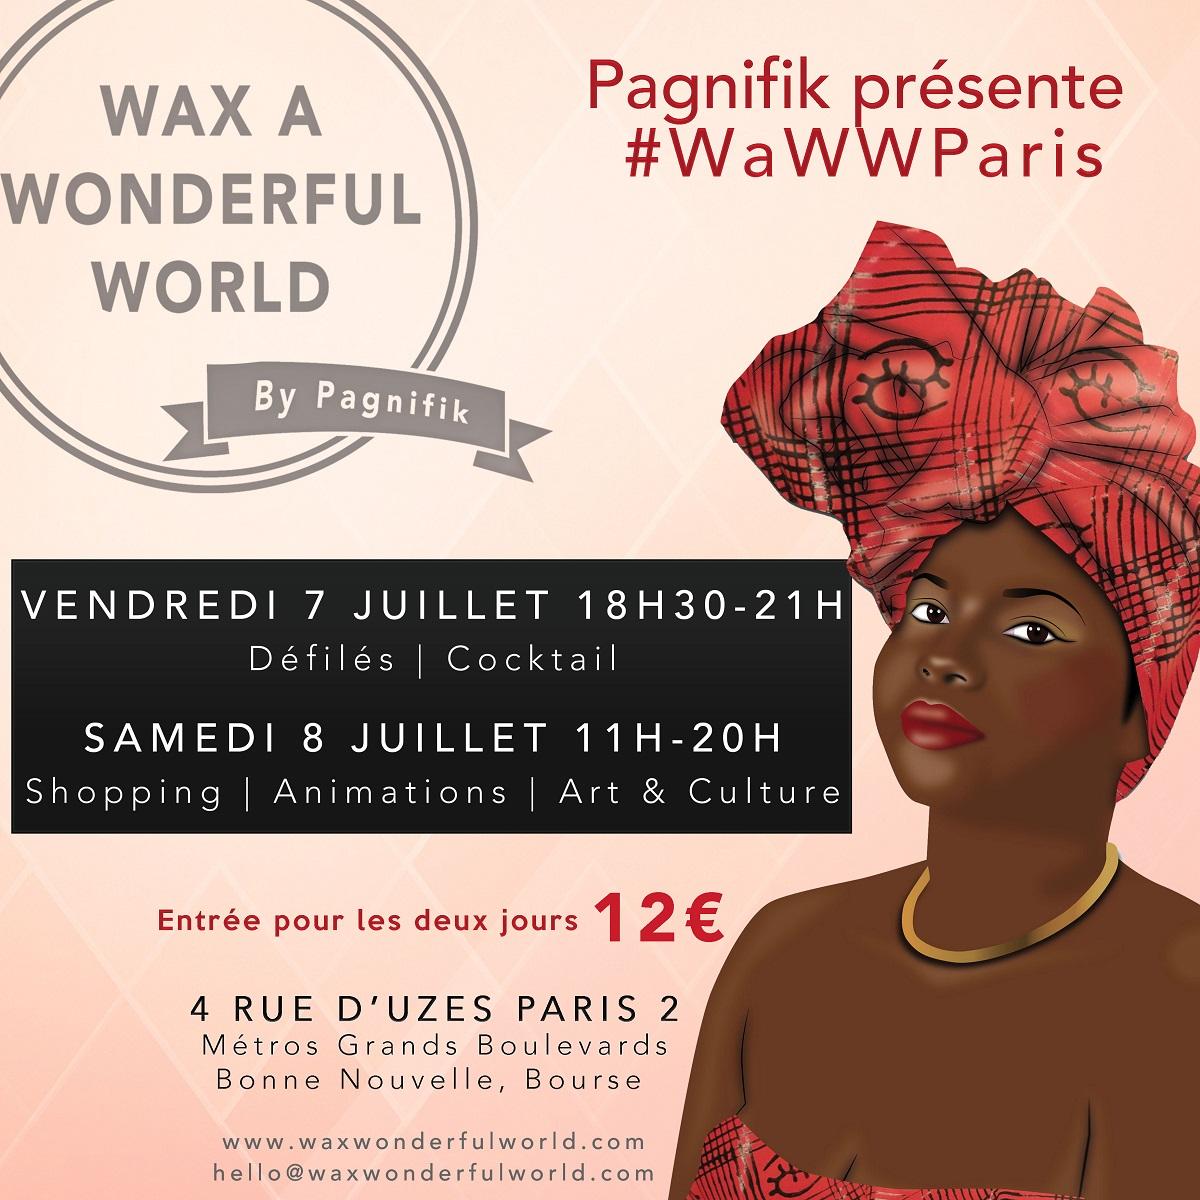 Pagnifik présente #WaWWParis 2017